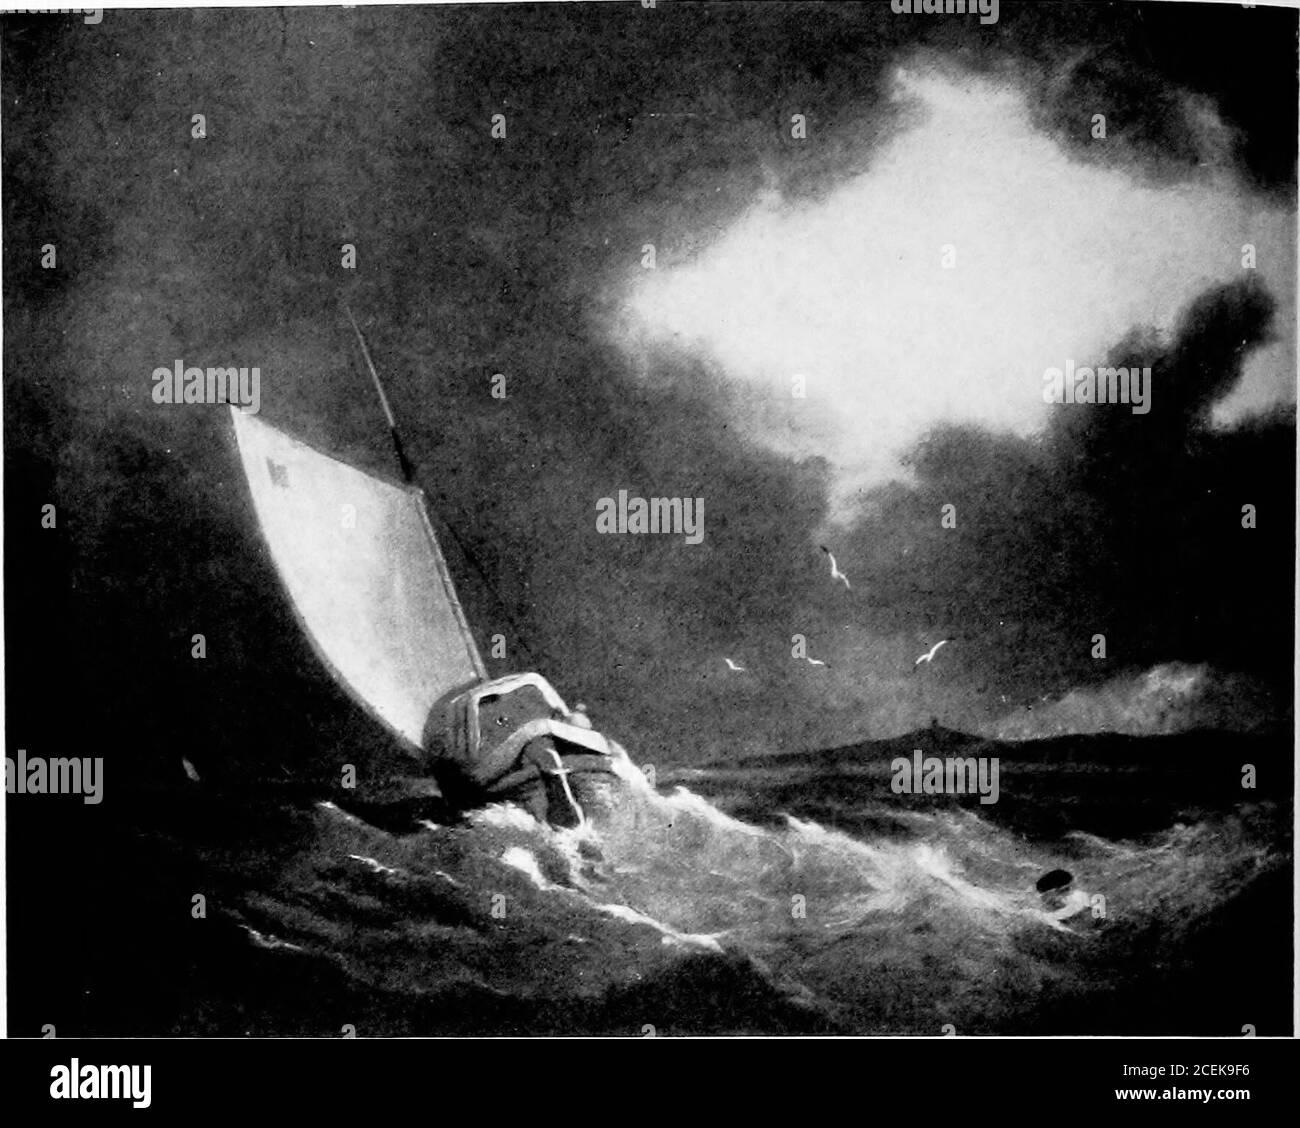 . Peinture marine britannique;. p , WKKK/km, : lll^illl k. . ili^n .- ._^- --i •.-:s;:;-»v- - ■^■^^• 03i*—»—- —■ ^ ,-S ^m yf Hi^^^PI^^^ (//t //« Collection à la Maison Barbizon) CHÂTEAU RAPIDE. PAR LA REV. JOHN THOMSONOF DUDDINGSTON. R. S. A. 47. Photo Woodbury Co. UN GALIOT DANS UNE TEMPÊTE PAR JOHN VEND COTMAN Kin The Nalioiial GatUrs. Londres) 48 Banque D'Images